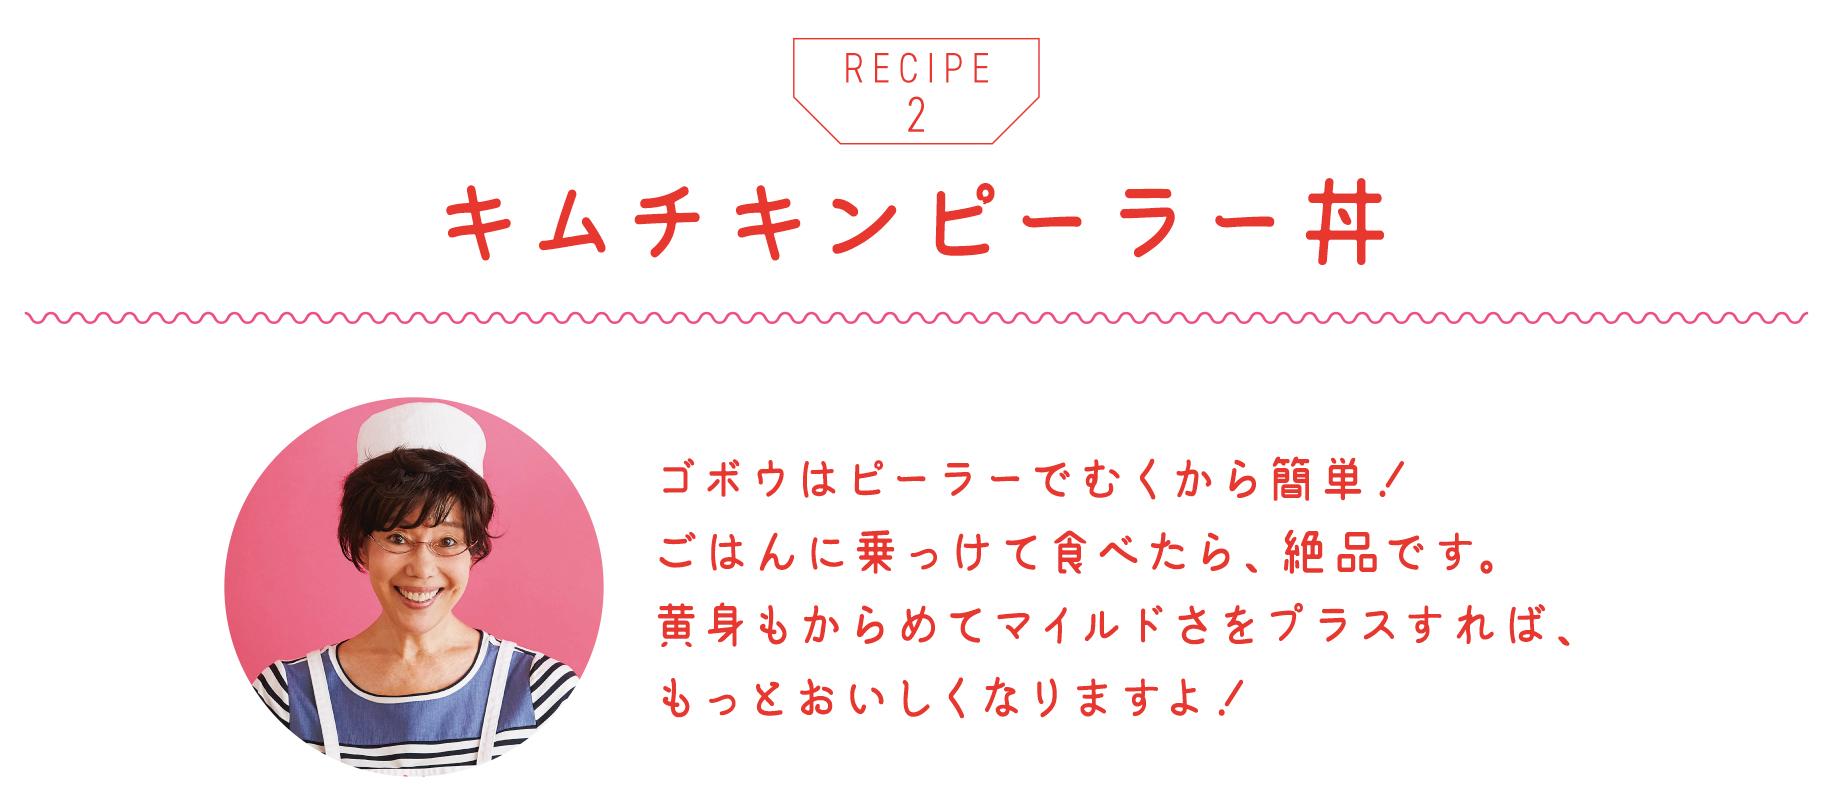 キムチキンピーラー丼 ゴボウはピーラーでむくから簡単! ごはんに乗っけて食べたら、絶品です。 黄身もからめてマイルドさをプラスすれば、 もっとおいしくなりますよ!